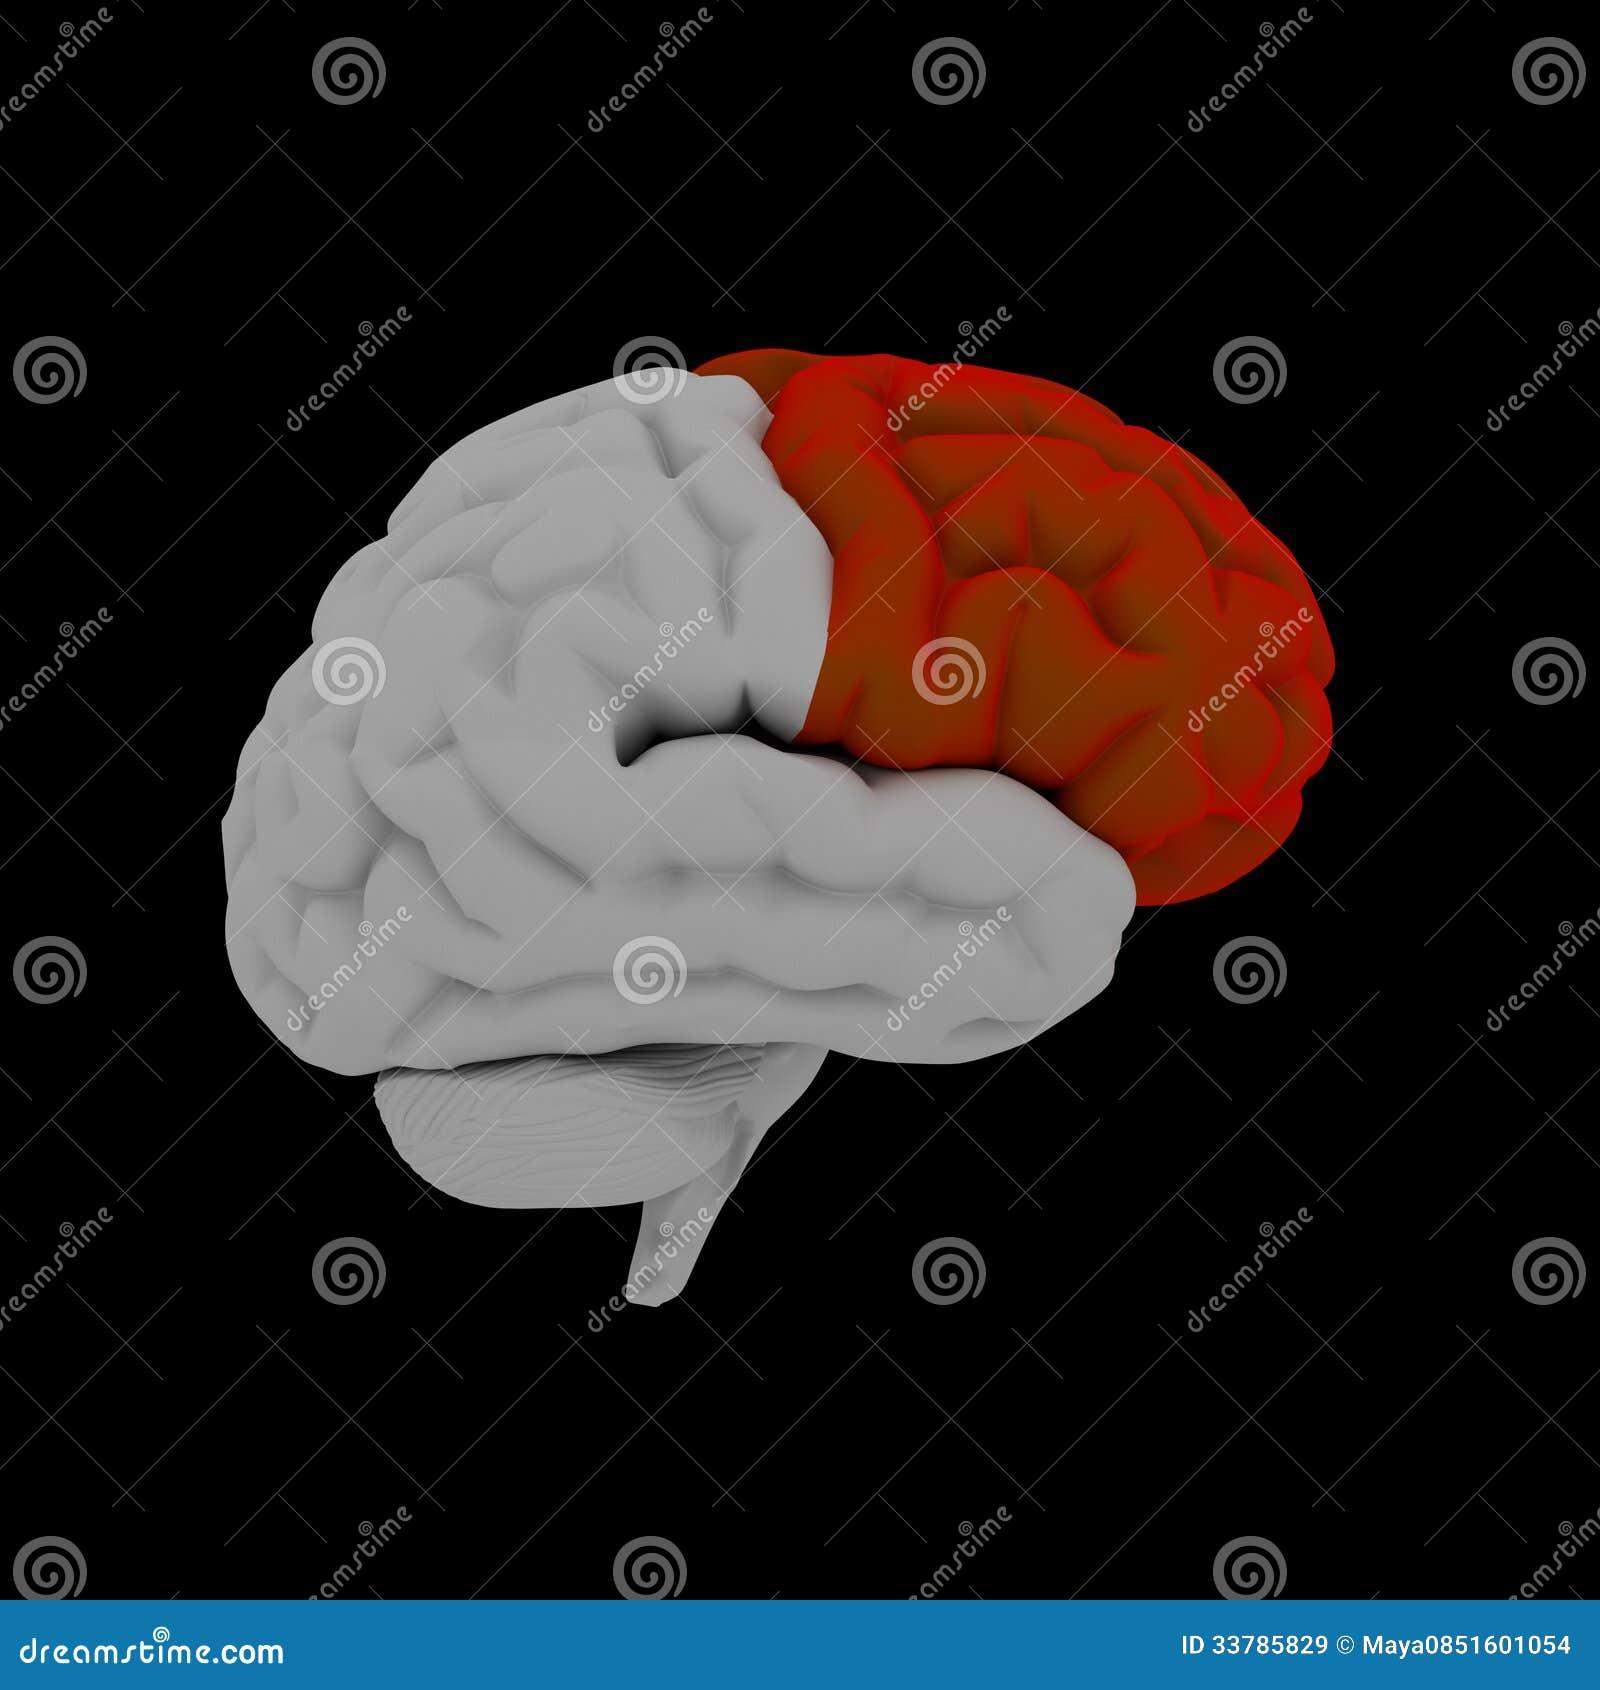 Frontallappen stock abbildung. Illustration von zerebral - 33785829